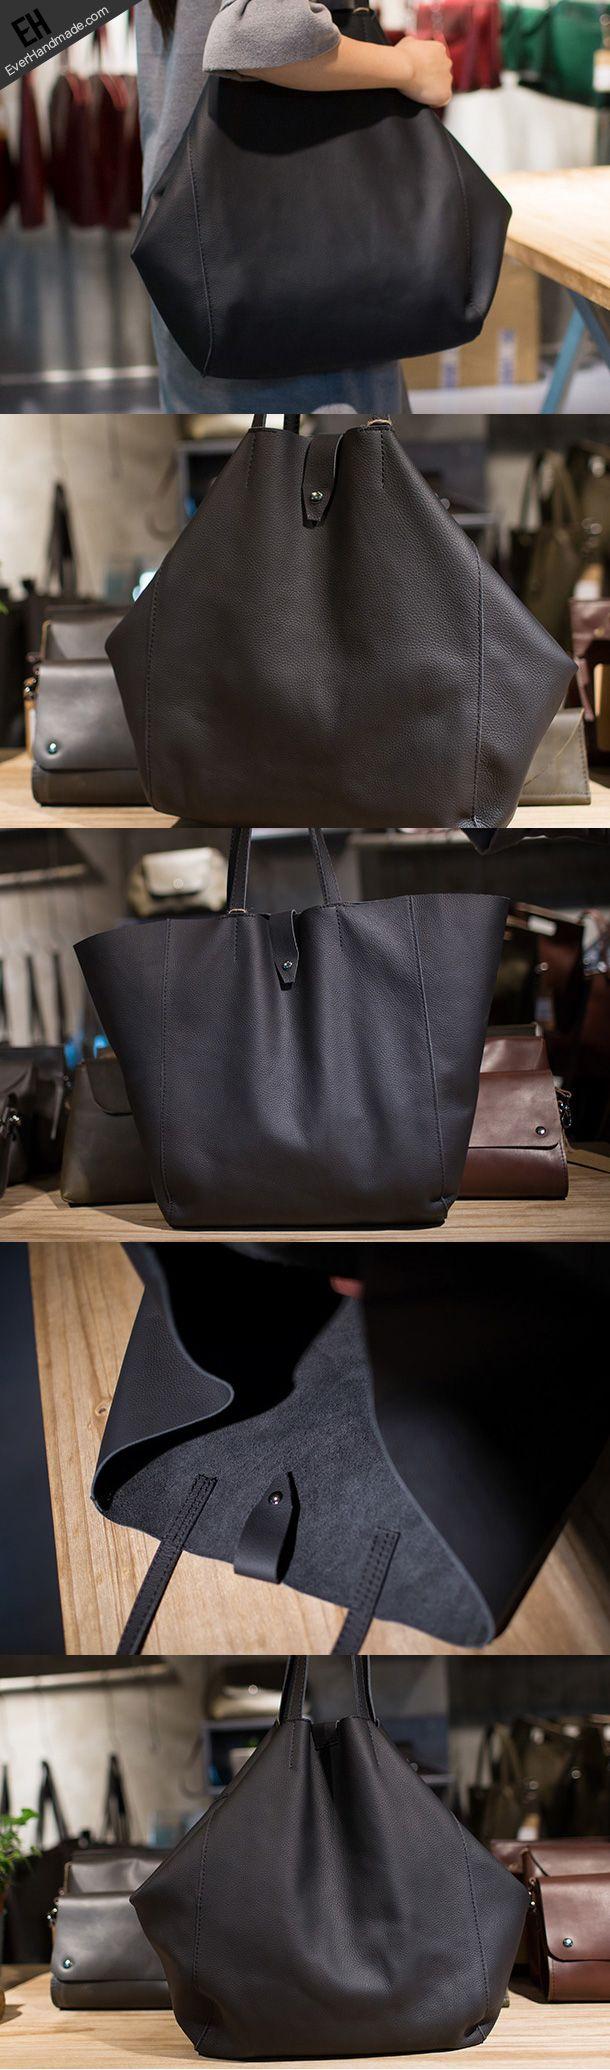 Handmade Leather vintage Big Large tote bag coffee black for women leather shoulder bag